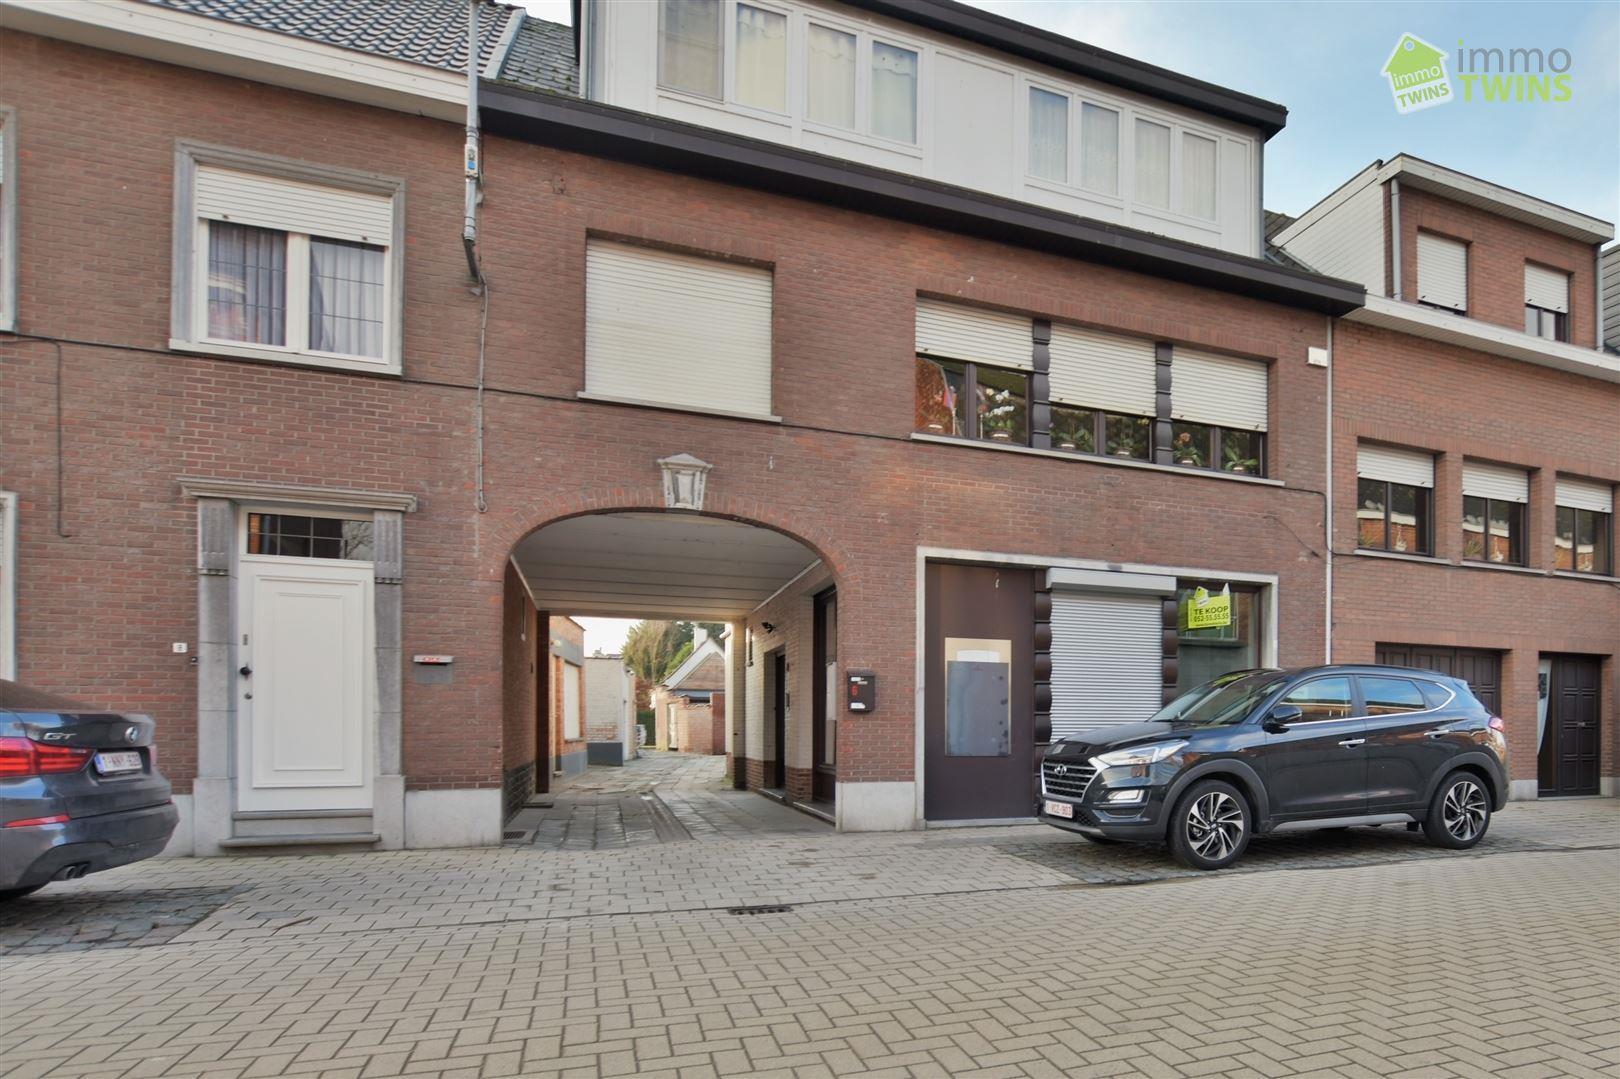 Foto 28 : Gemengd gebouw te 2880 BORNEM (België) - Prijs € 225.000